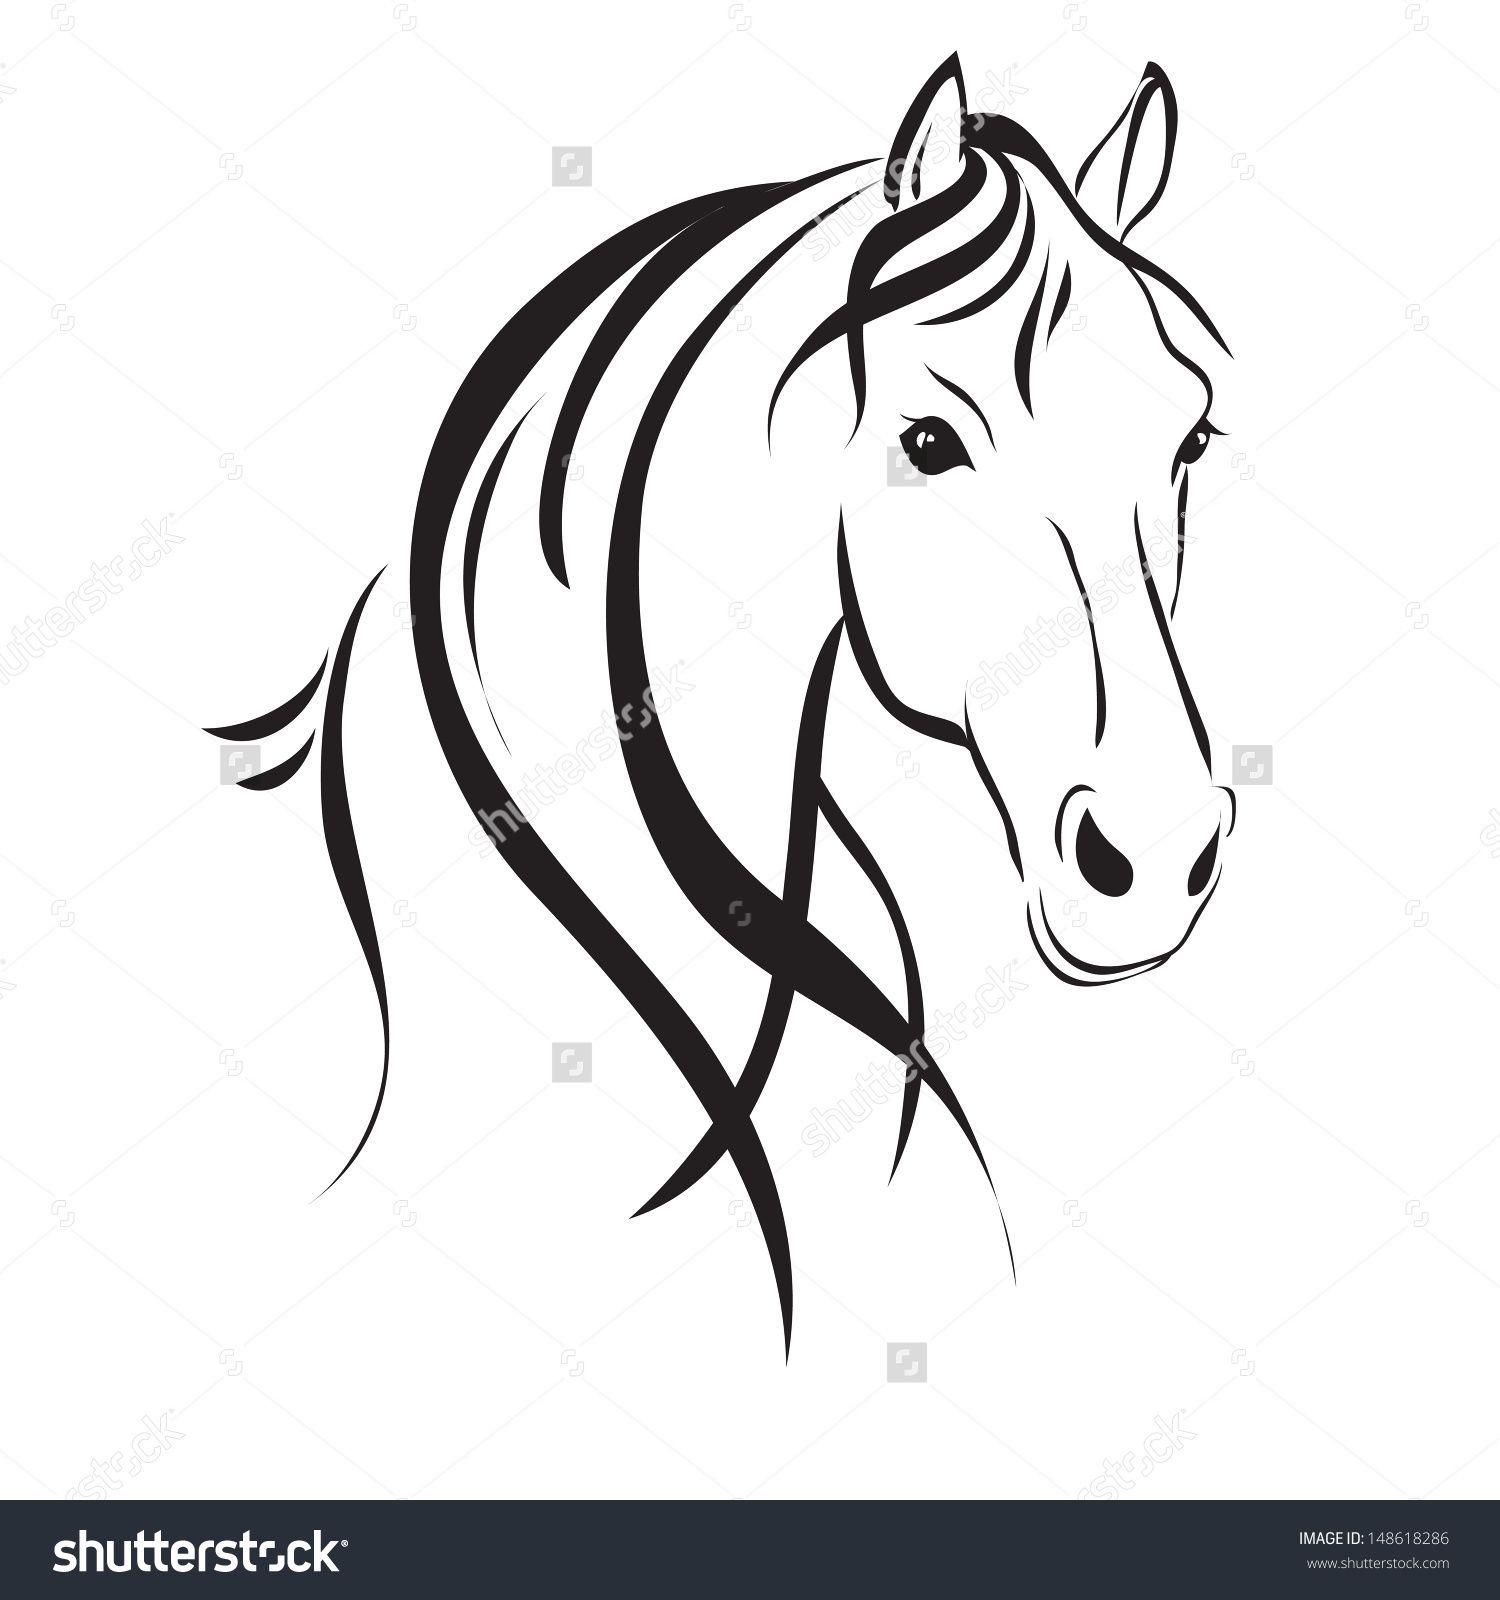 линия рисунок лошади , с головы на белом фоне | Силуэт | Pinterest ...